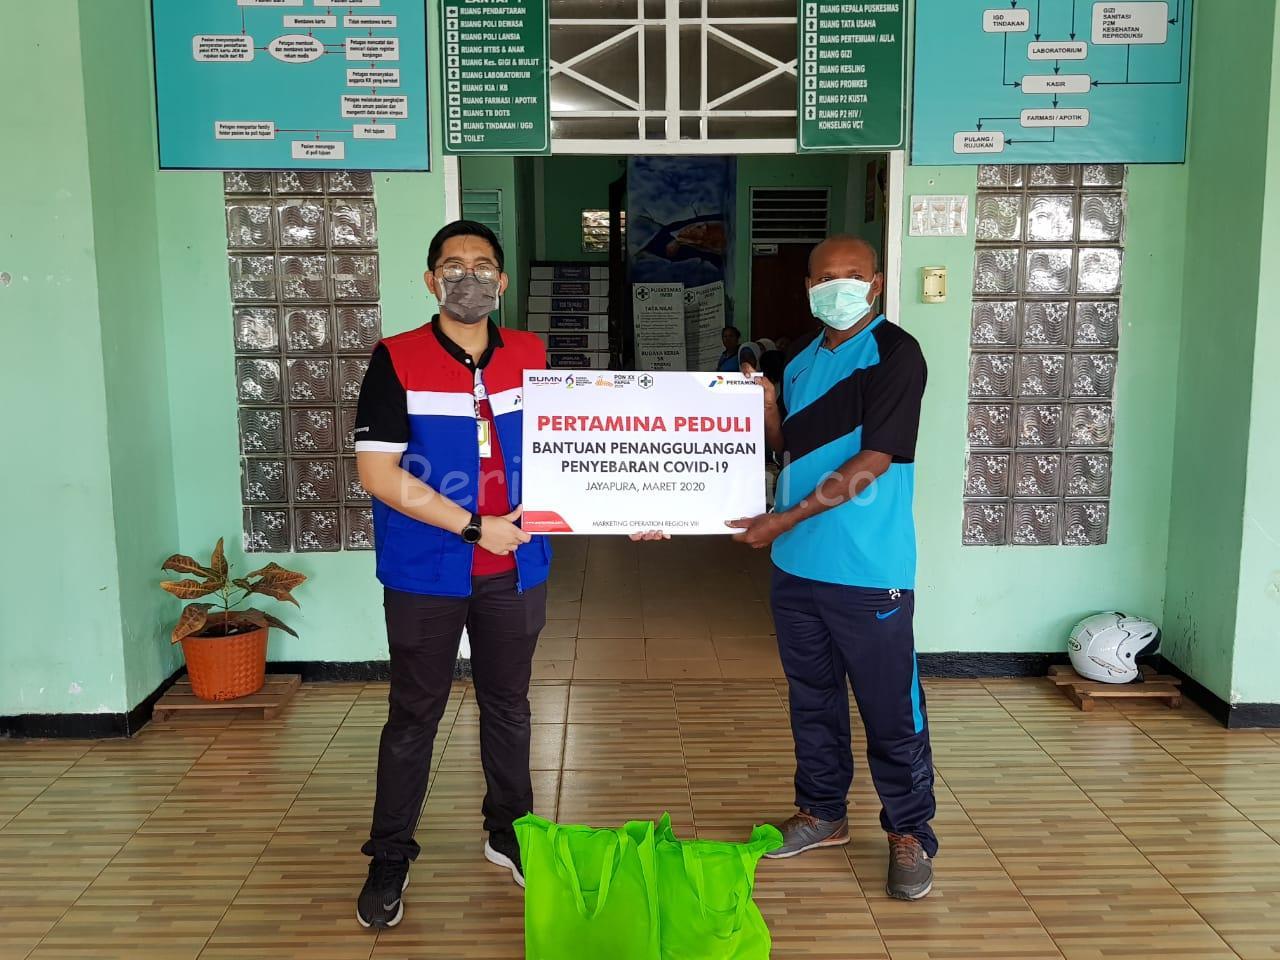 Peduli Cegah Corona, Pertamina Serahkan 200 Paket Bantuan di Puskesmas Imbi Jayapura 15 IMG 20200320 WA0118